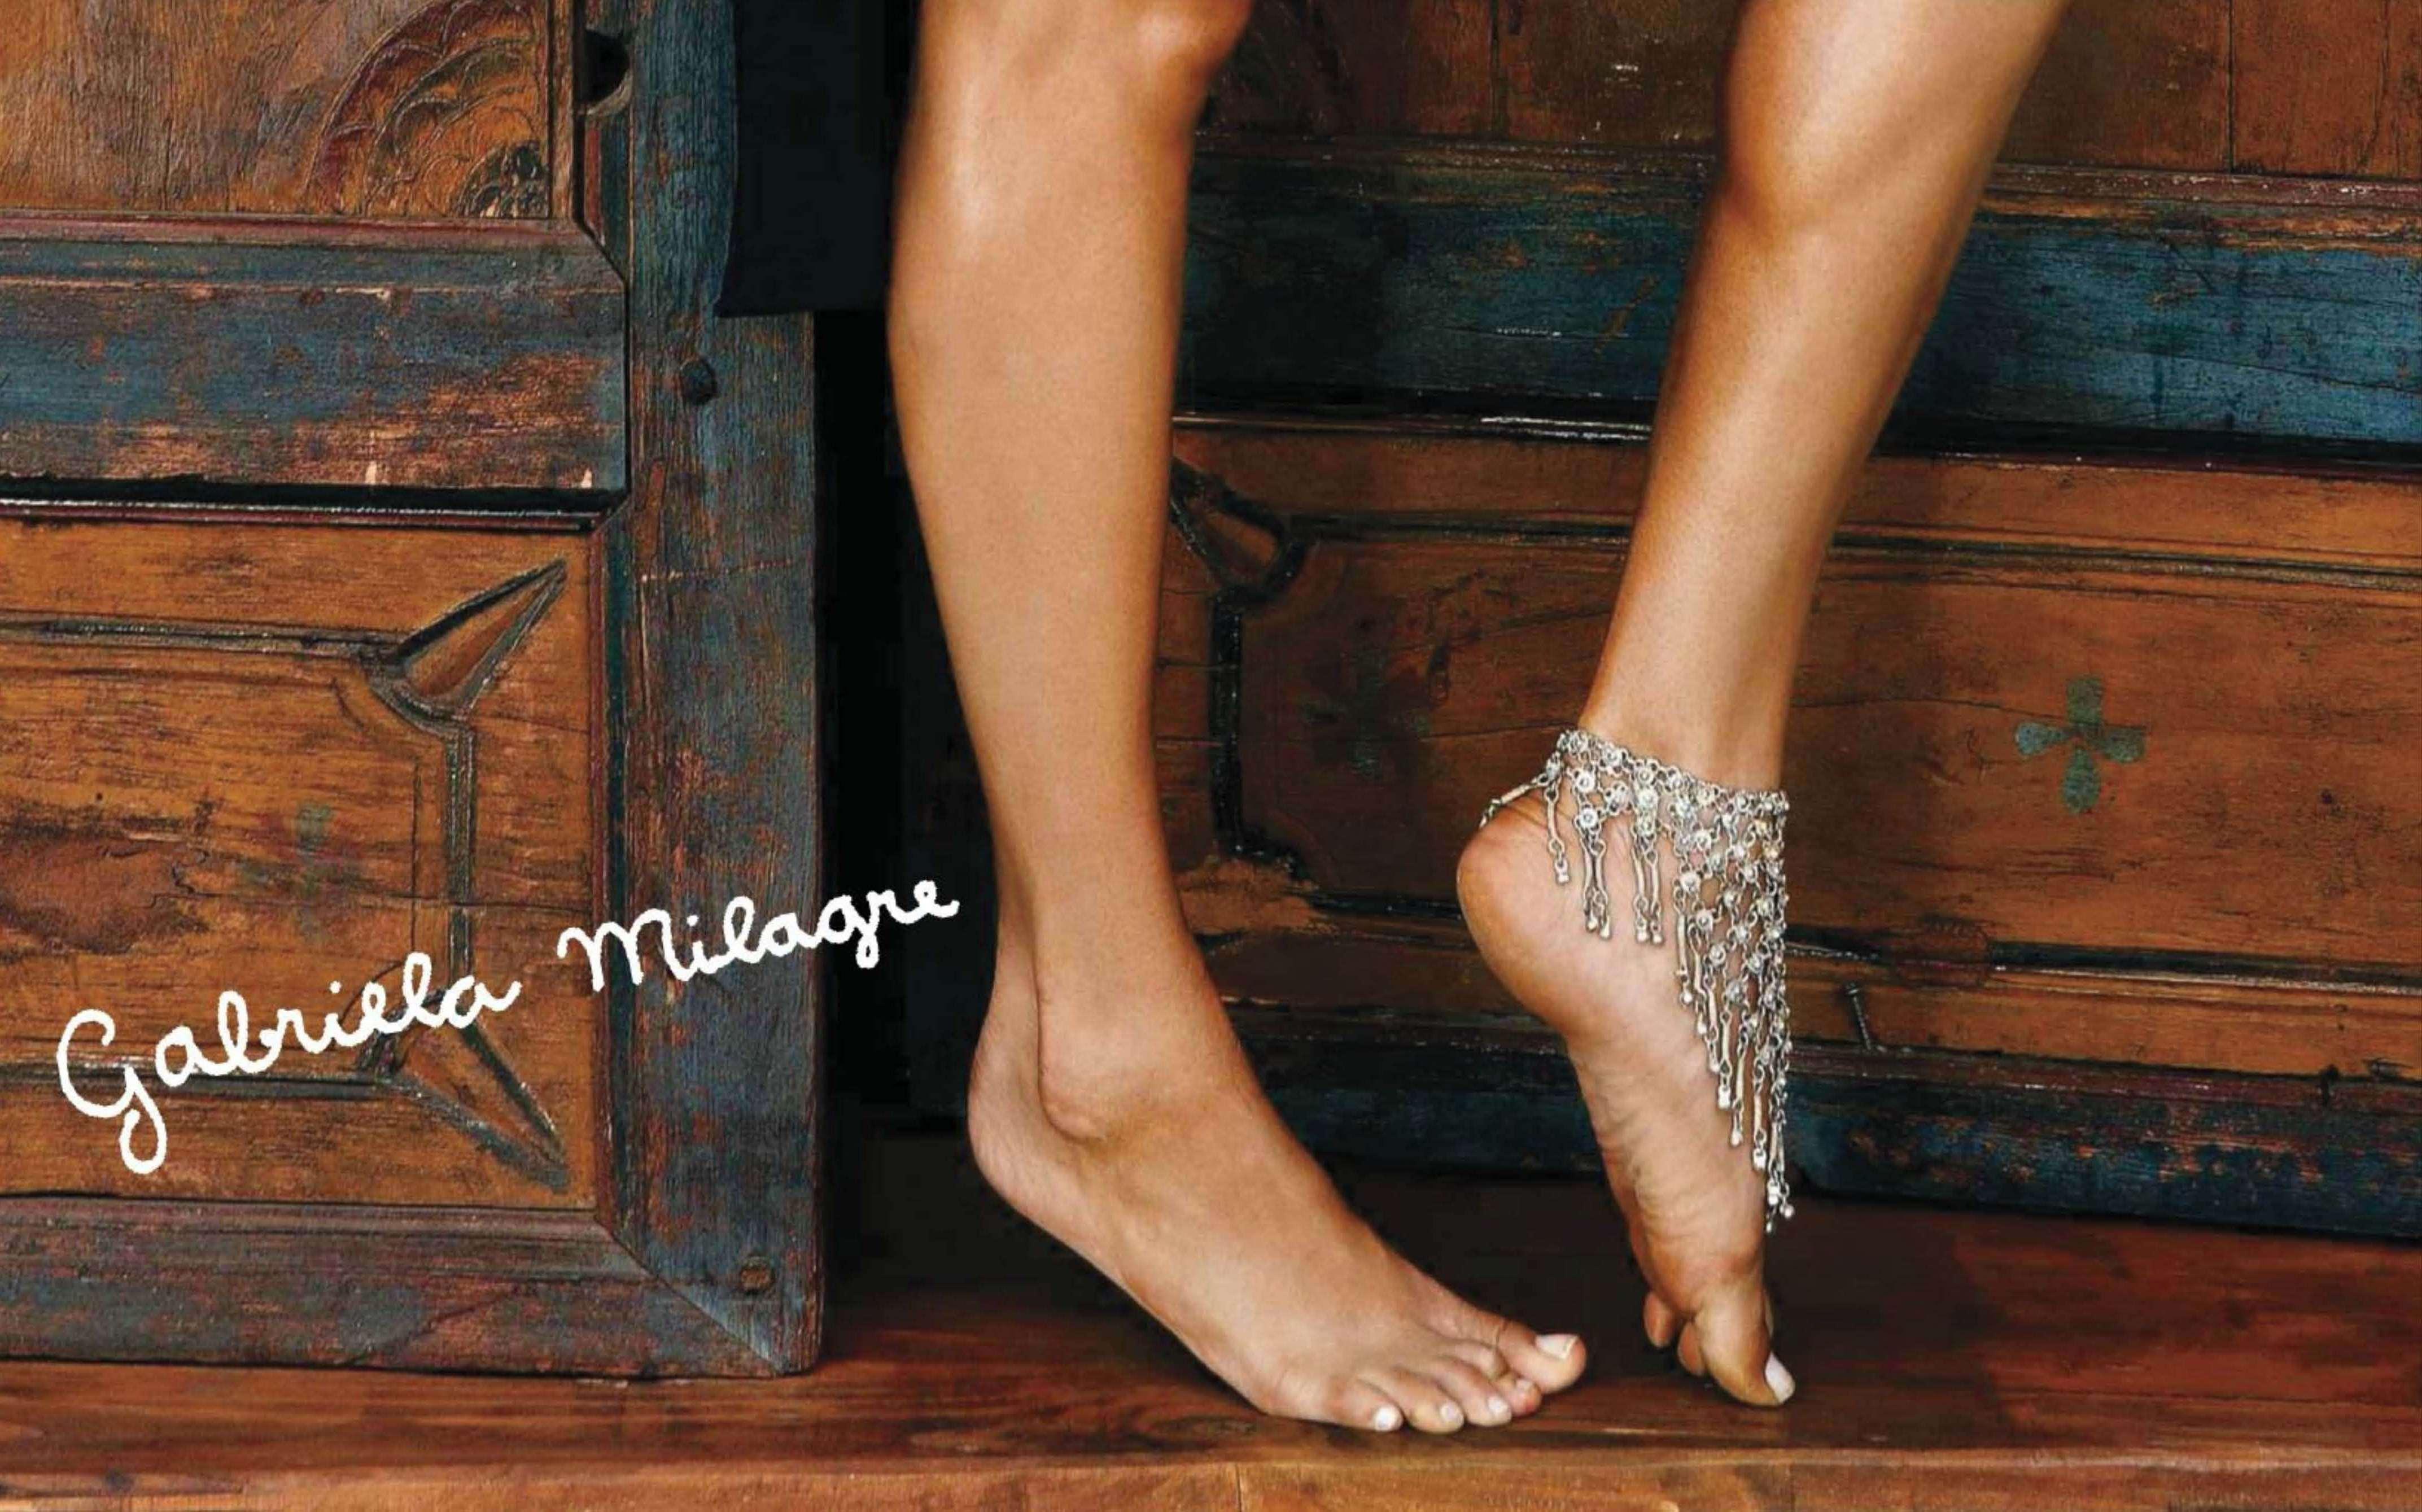 30872_septimiu29_GabrielaMilagre_PlayboyGermany_August201211_123_160lo.jpg